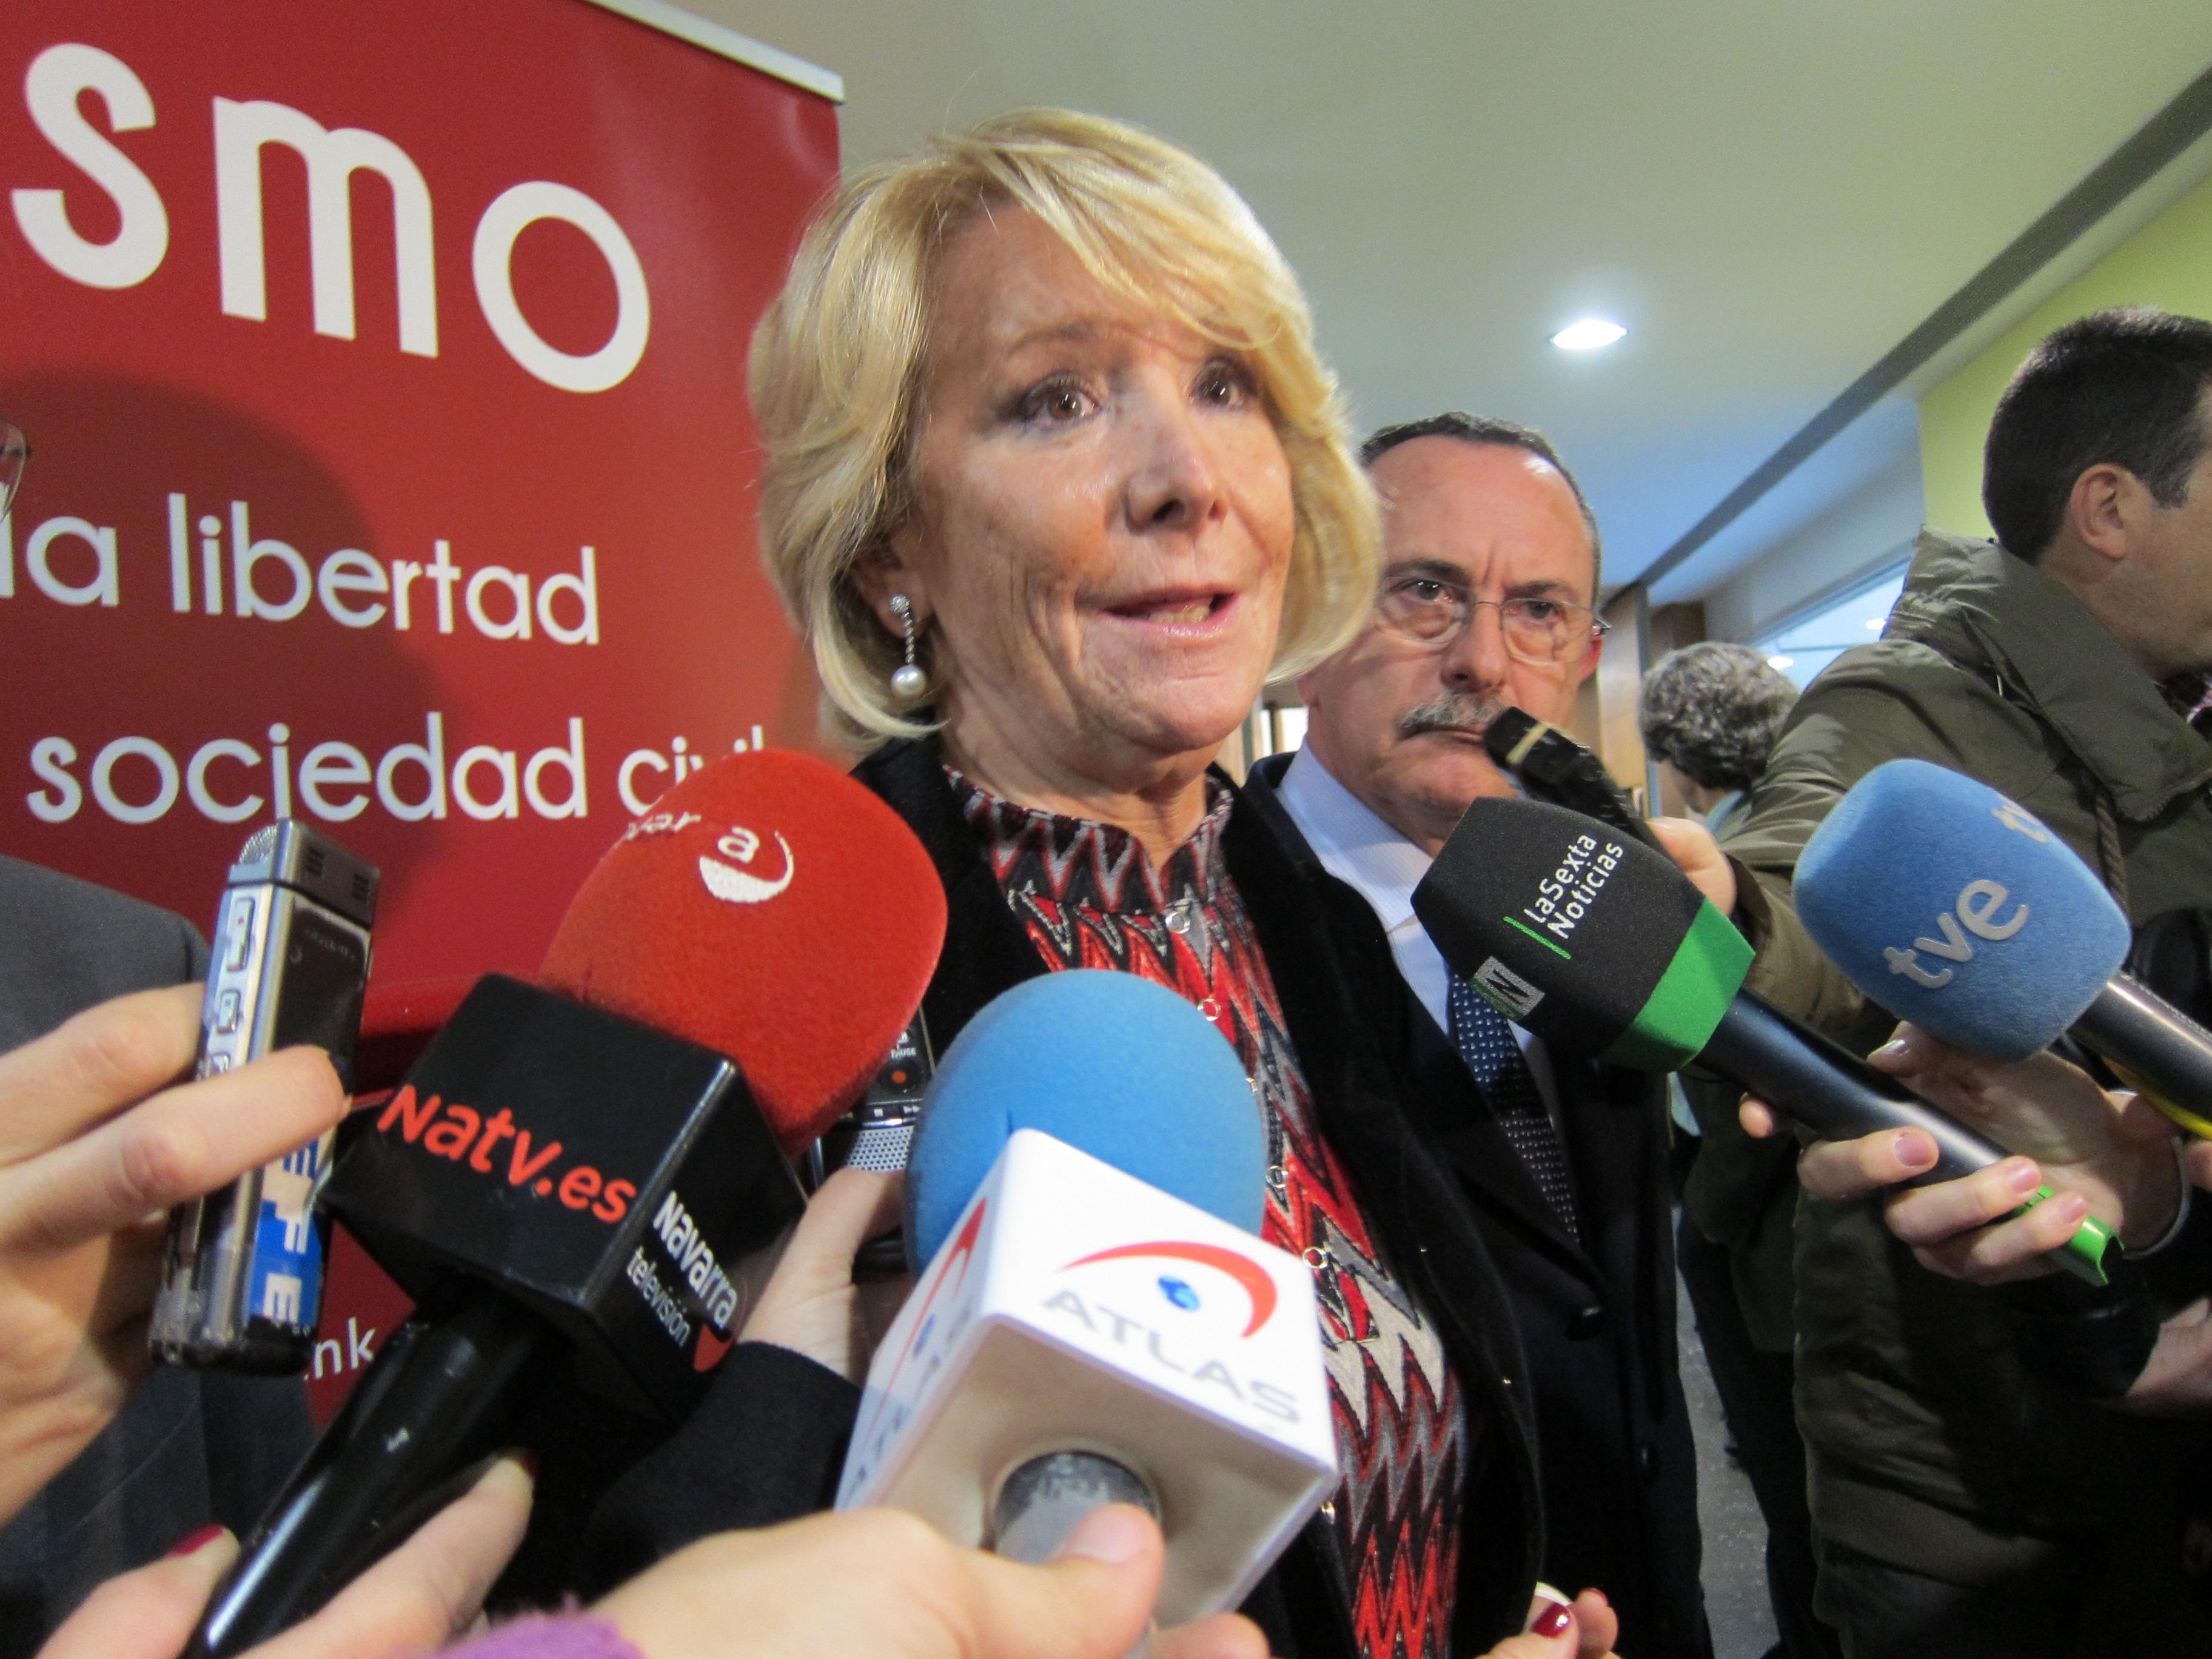 Aguirre cree que Rajoy ha cogido «los toros por los cuernos» para arreglar España pero rechaza que «soltara» a Bolinaga